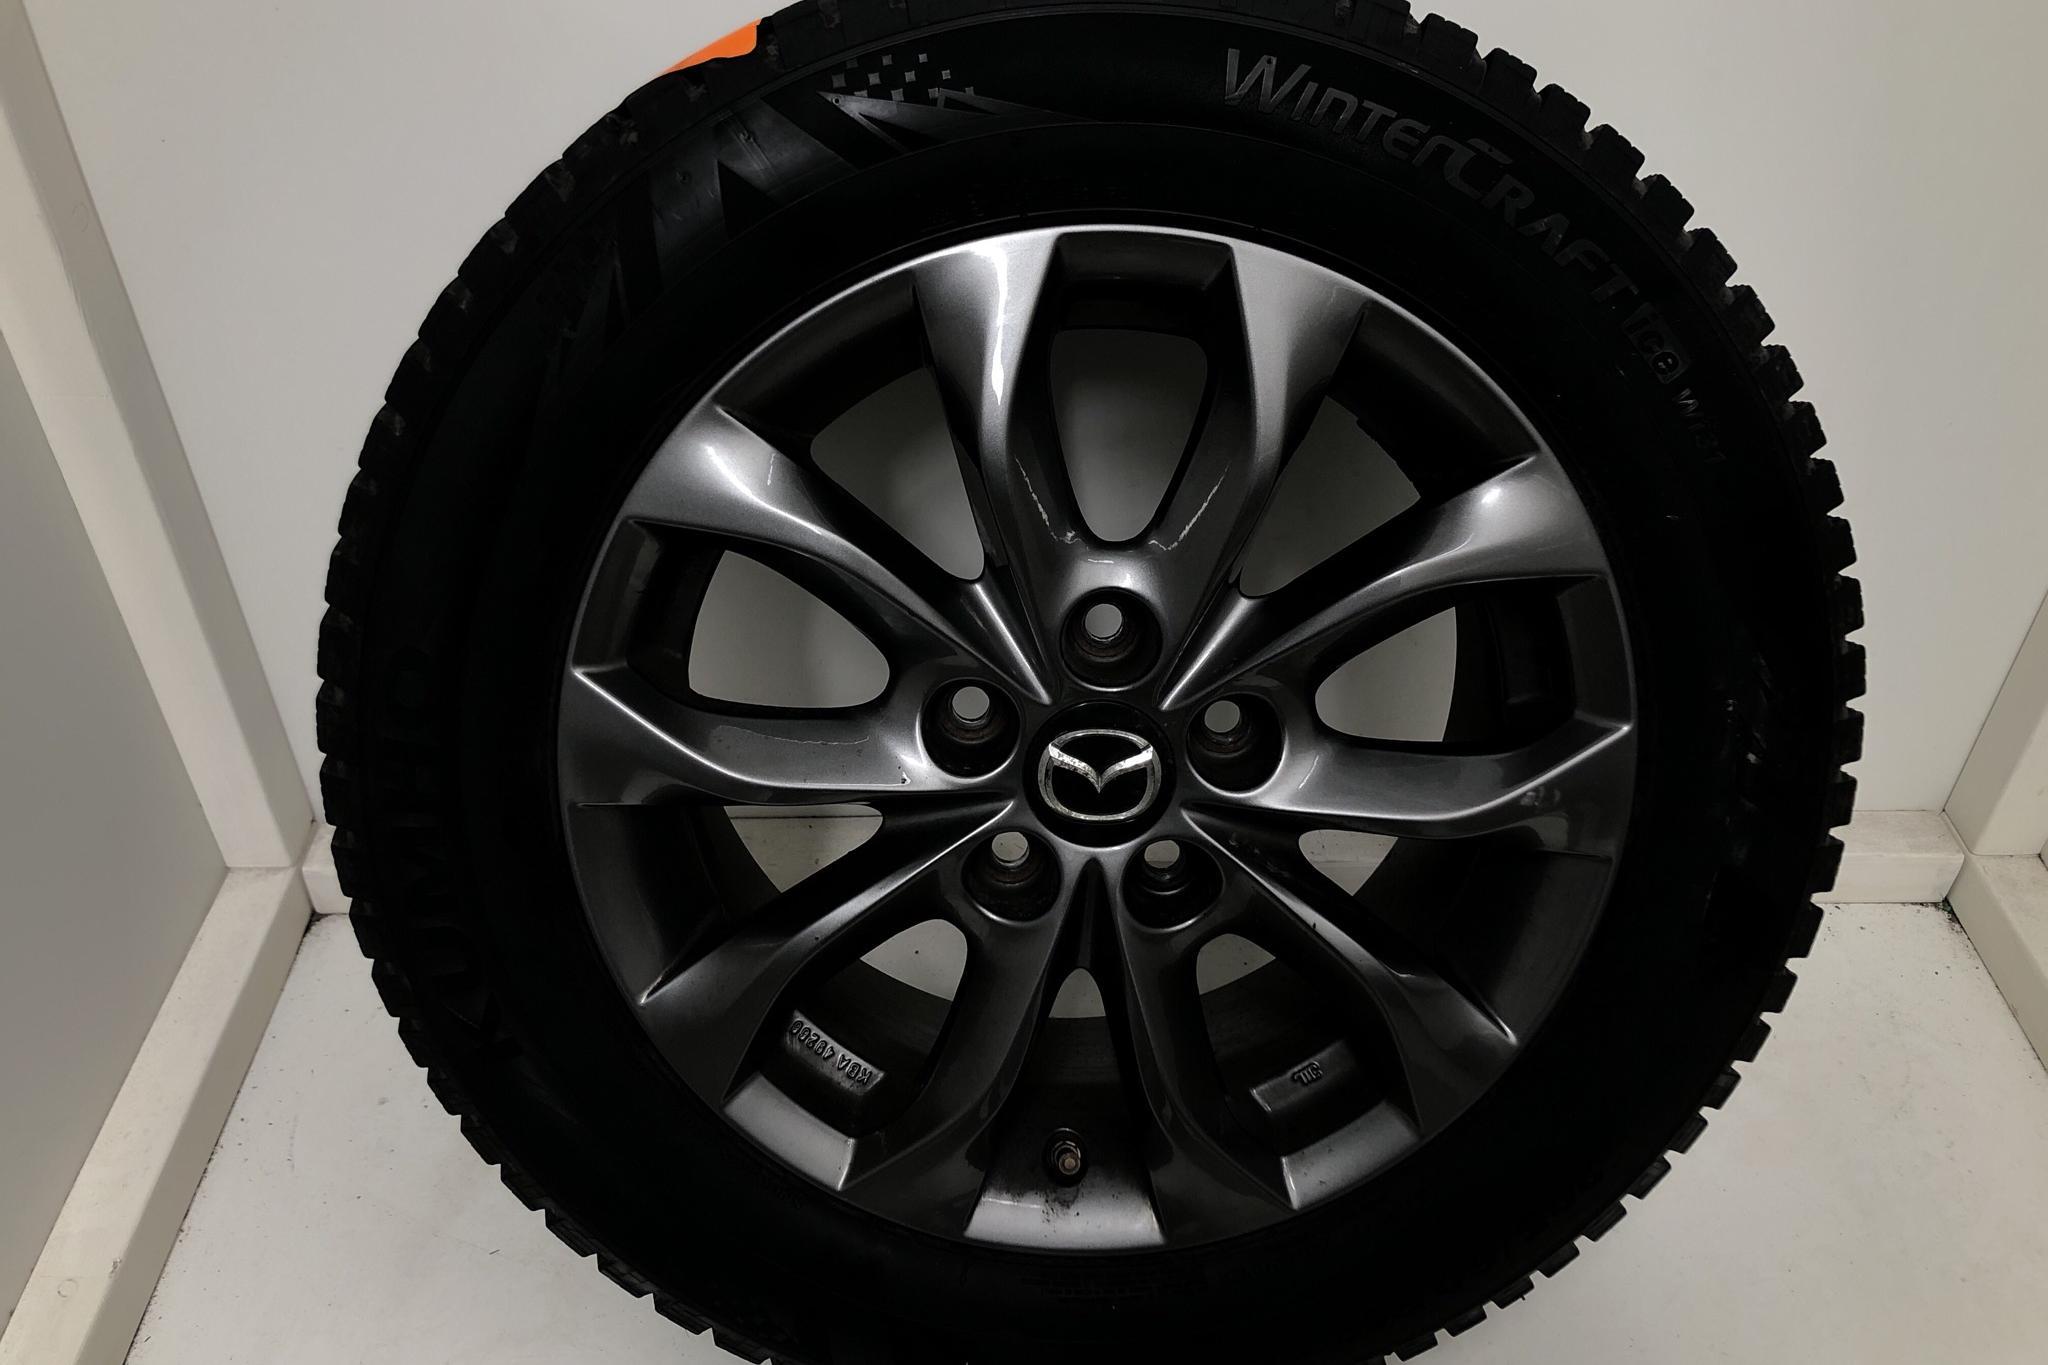 Mazda 3 2.0 5dr (120hk) - 7 160 mil - Manuell - svart - 2018